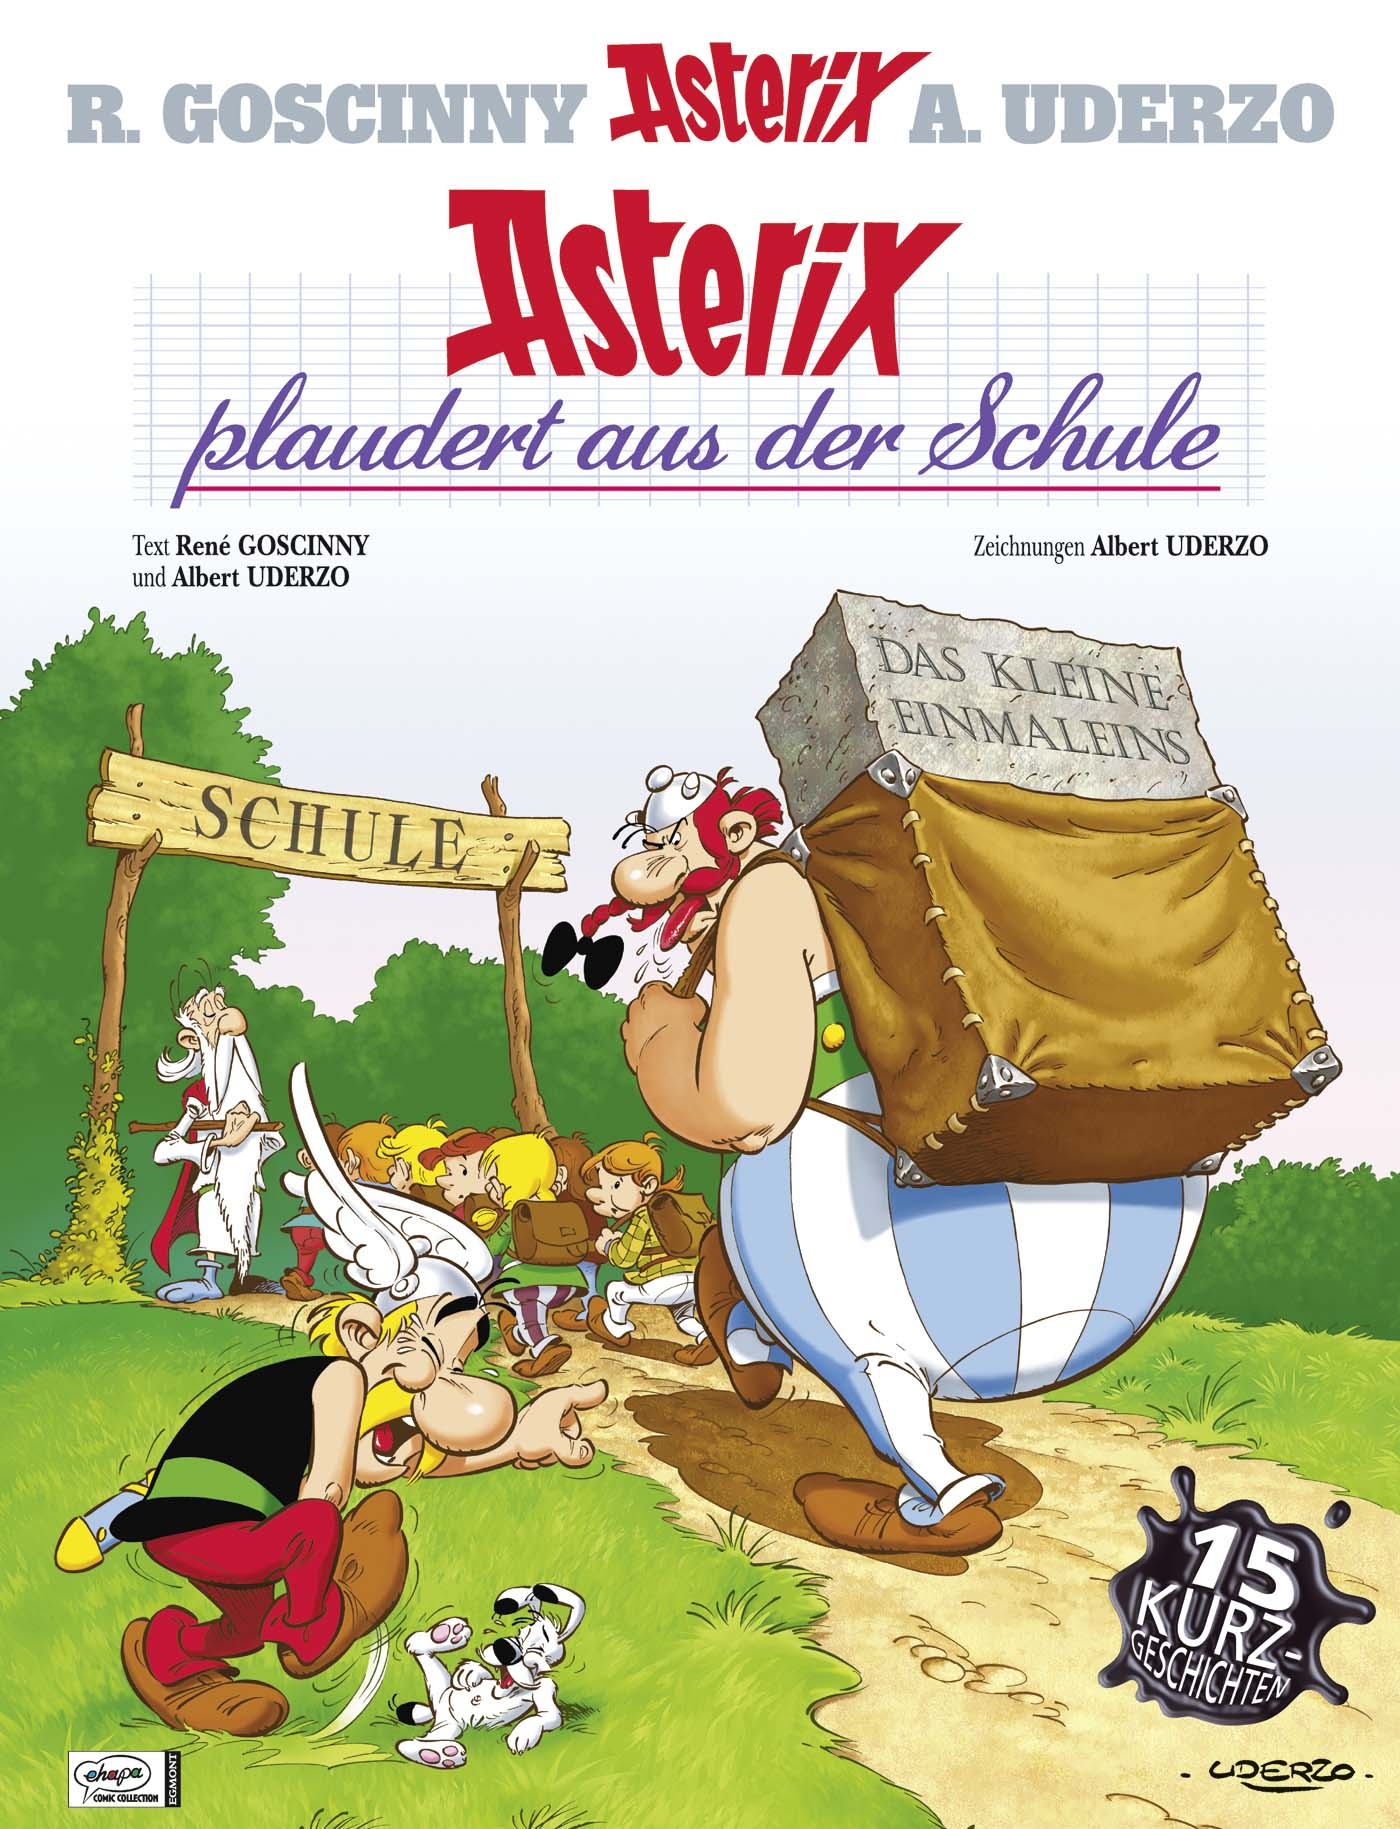 Asterix: Band 32 - Asterix plaudert aus der Schule - R. Goscinny & A. Uderzo [Gebundene Ausgabe]